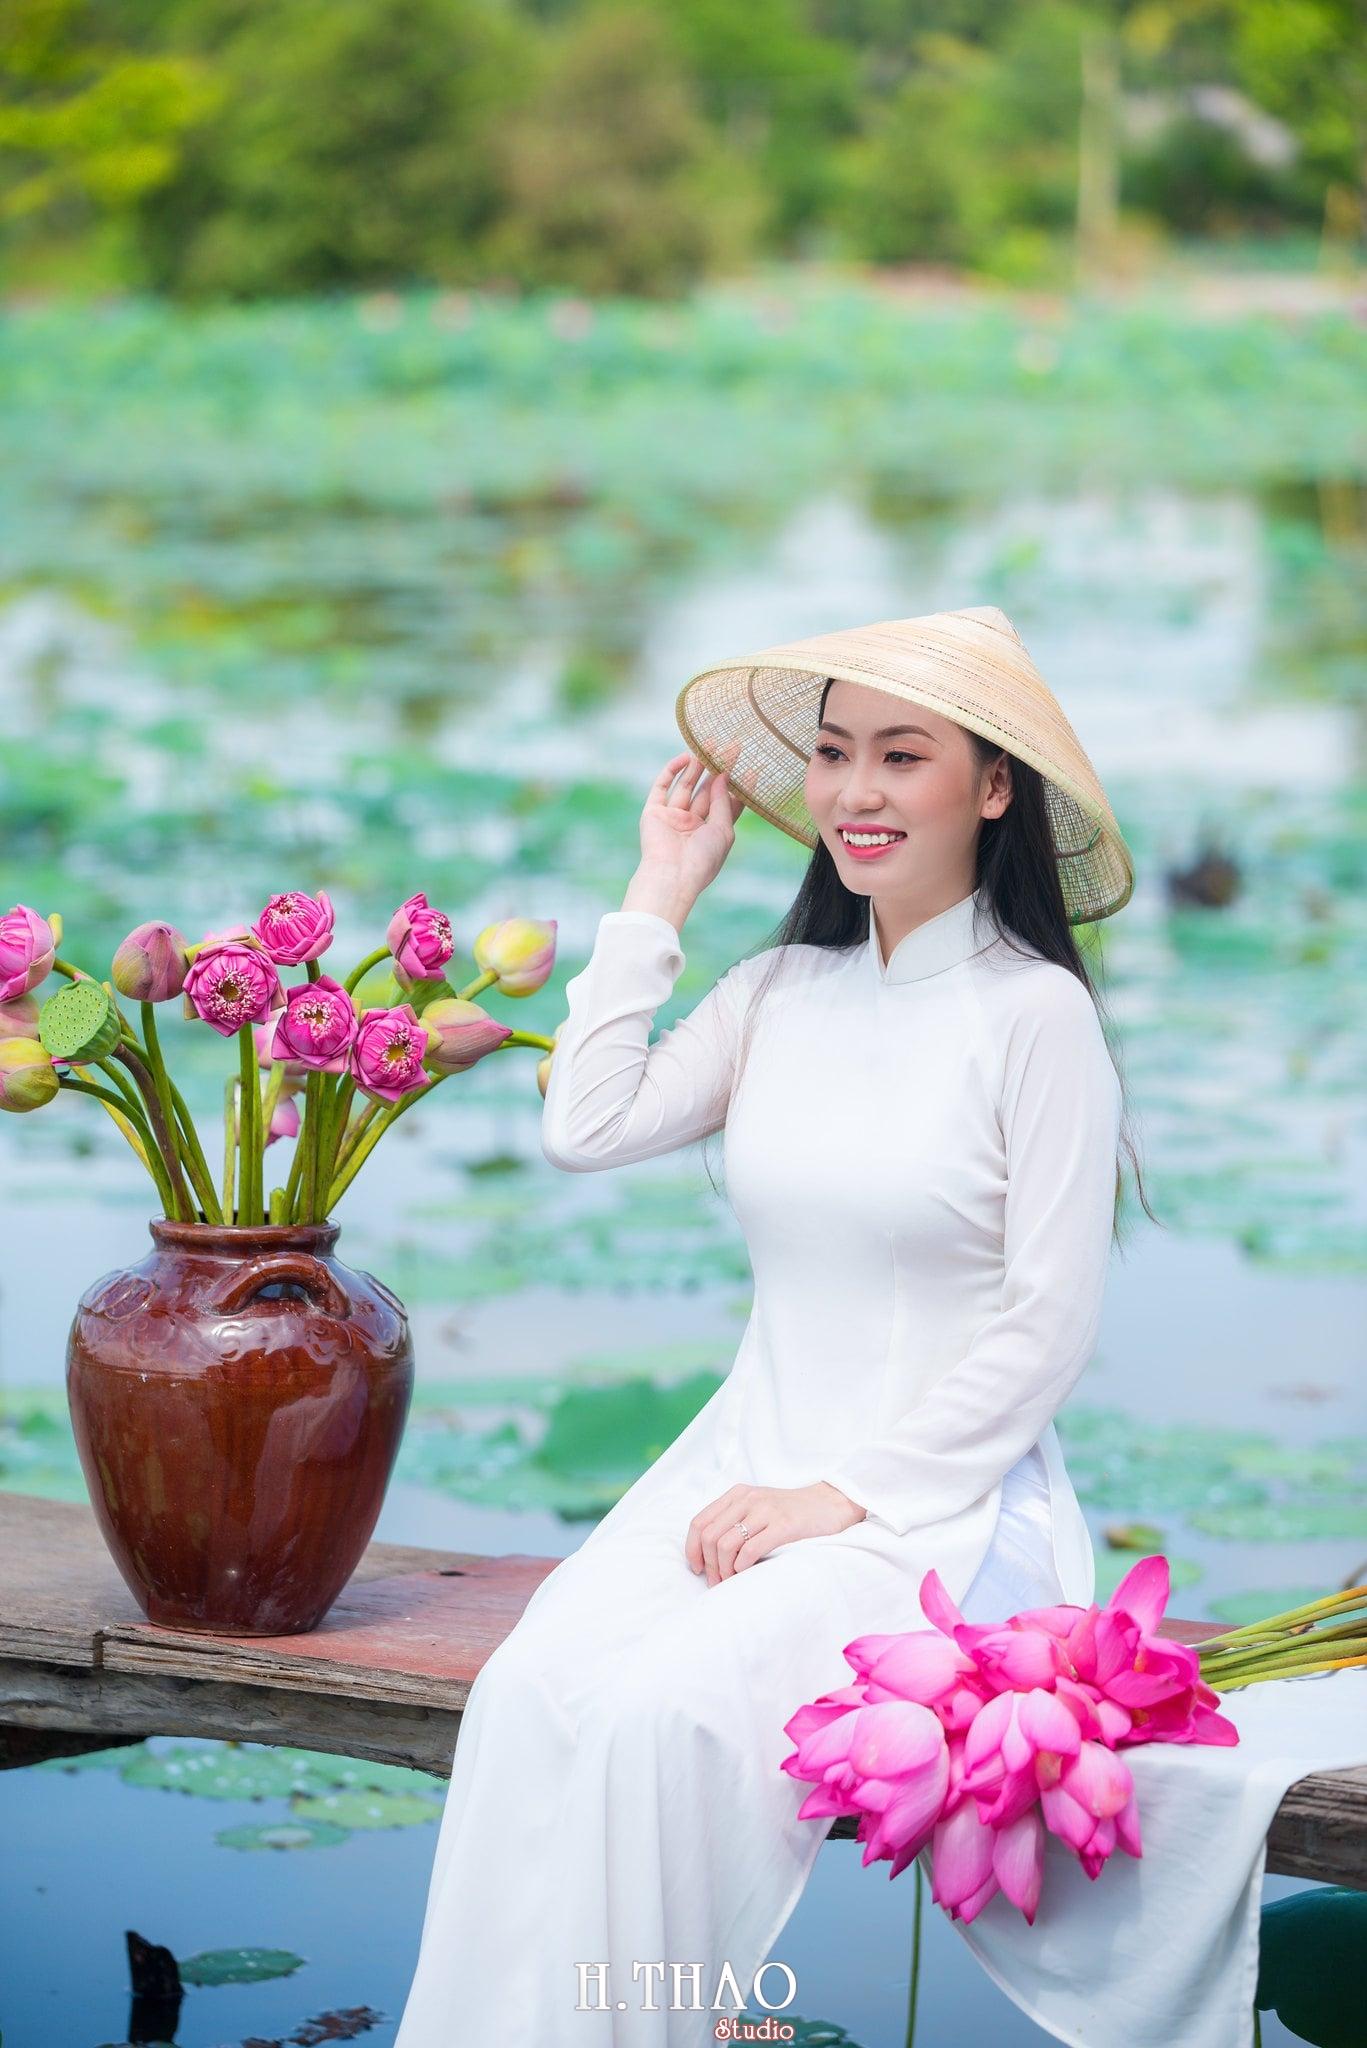 Chup hinh hoa sen 17 - Góc ảnh thiếu nữ bên hoa sen tam đa quận 9 tuyệt đẹp - HThao Studio